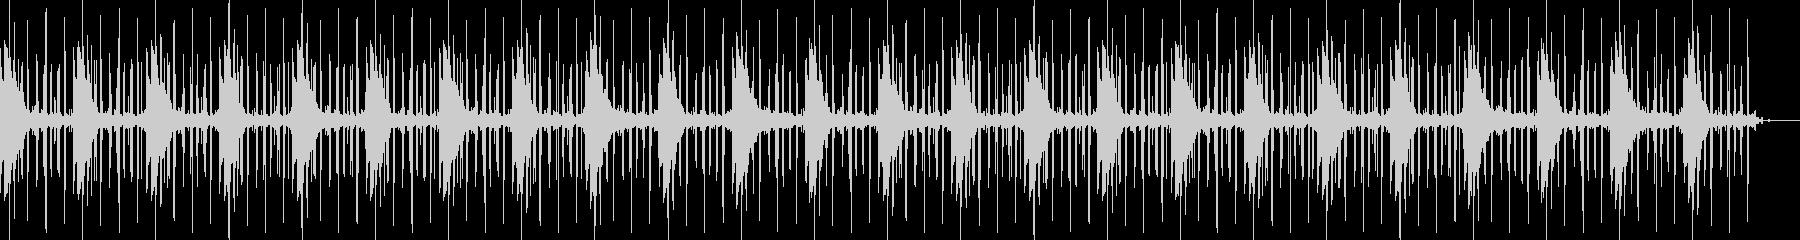 ヒーリング・リラックス・神秘的チルアウトの未再生の波形